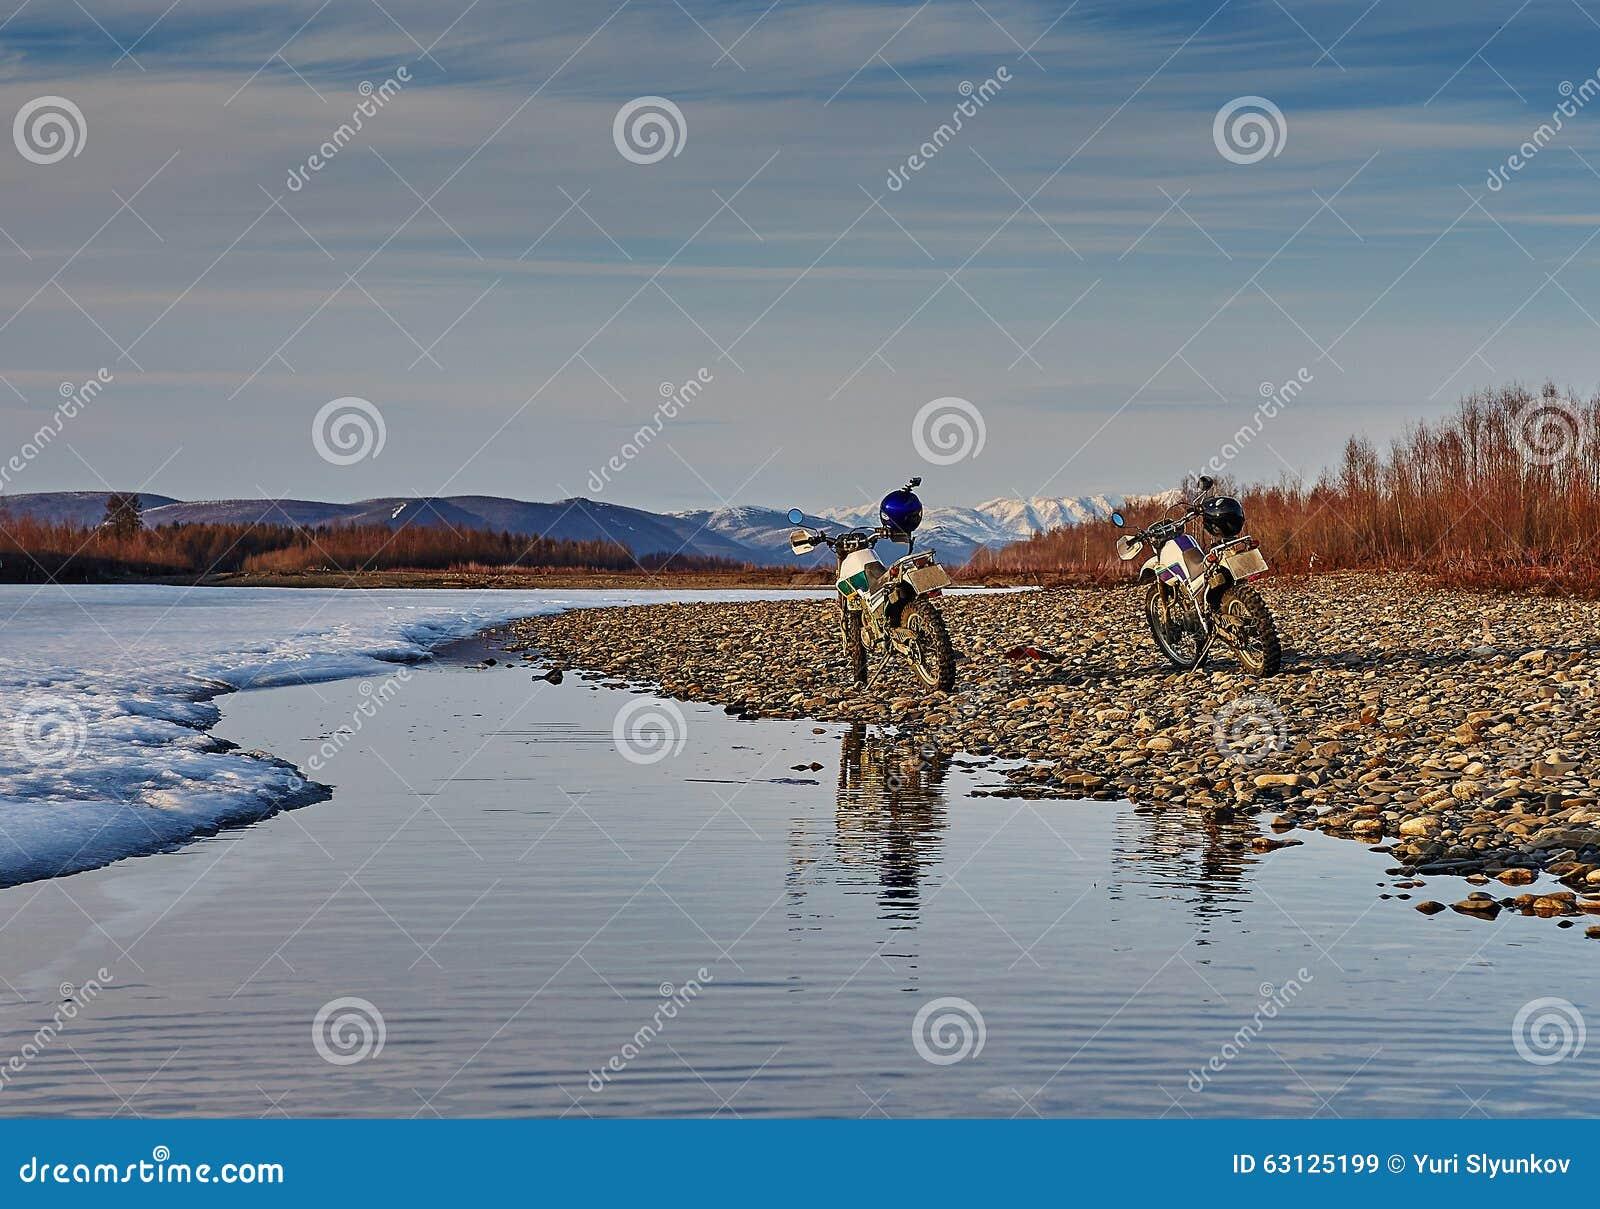 Susuman-Enduro. A motorcycle on river bank